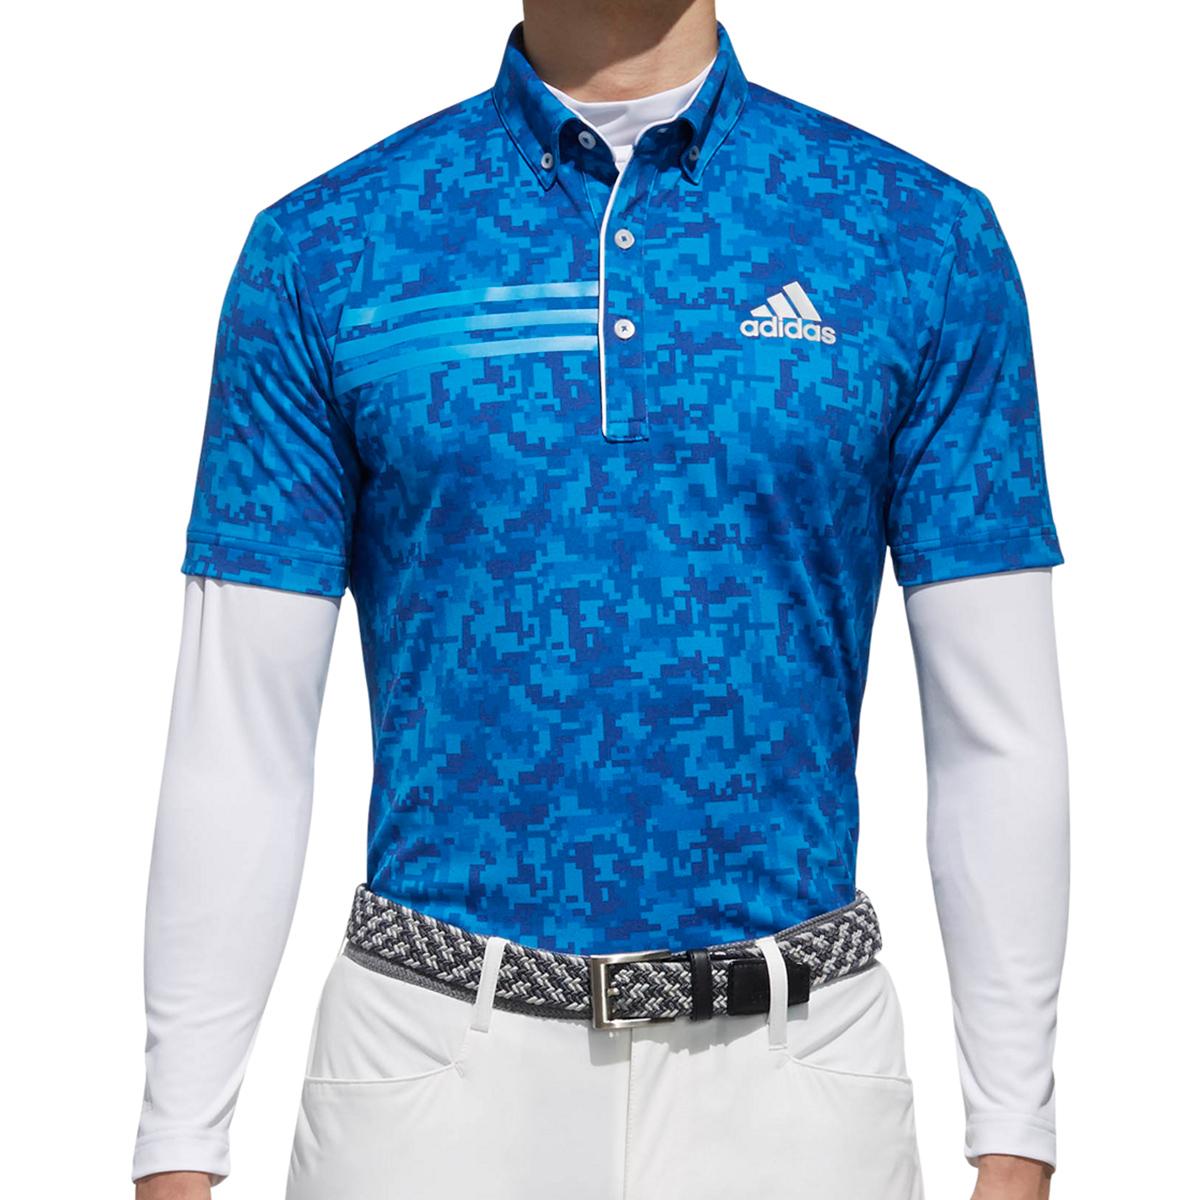 CP ジオメトリック レイヤード半袖ボタンダウンポロシャツ